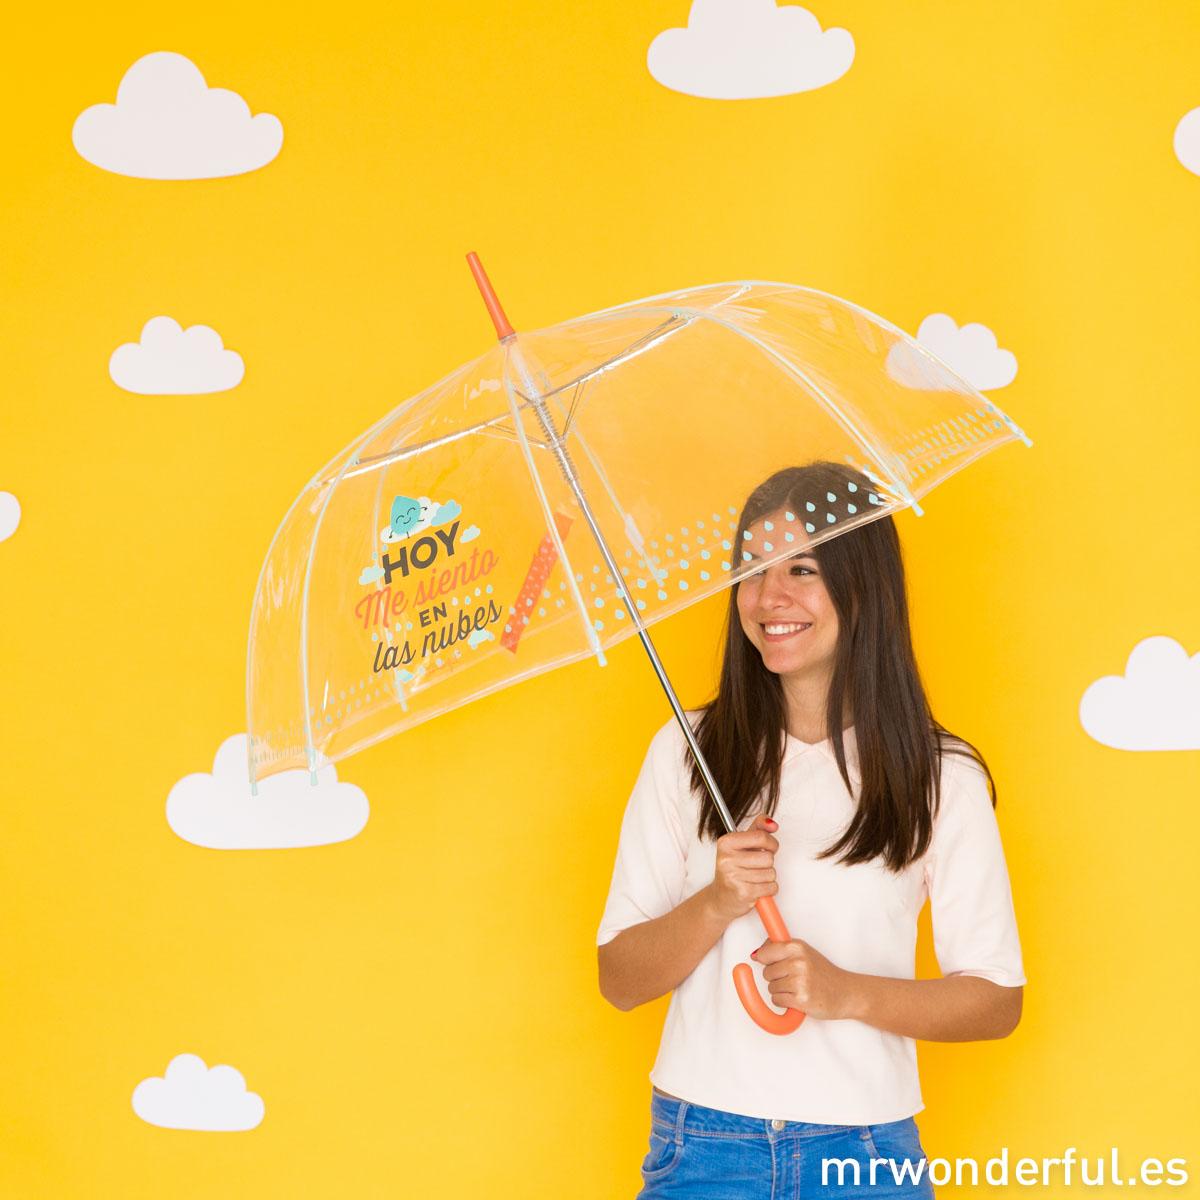 mrwonderful_8435460702911_WOA03183_paraguas_hoy-me-siento-en-las-nubes_L_CAST-15